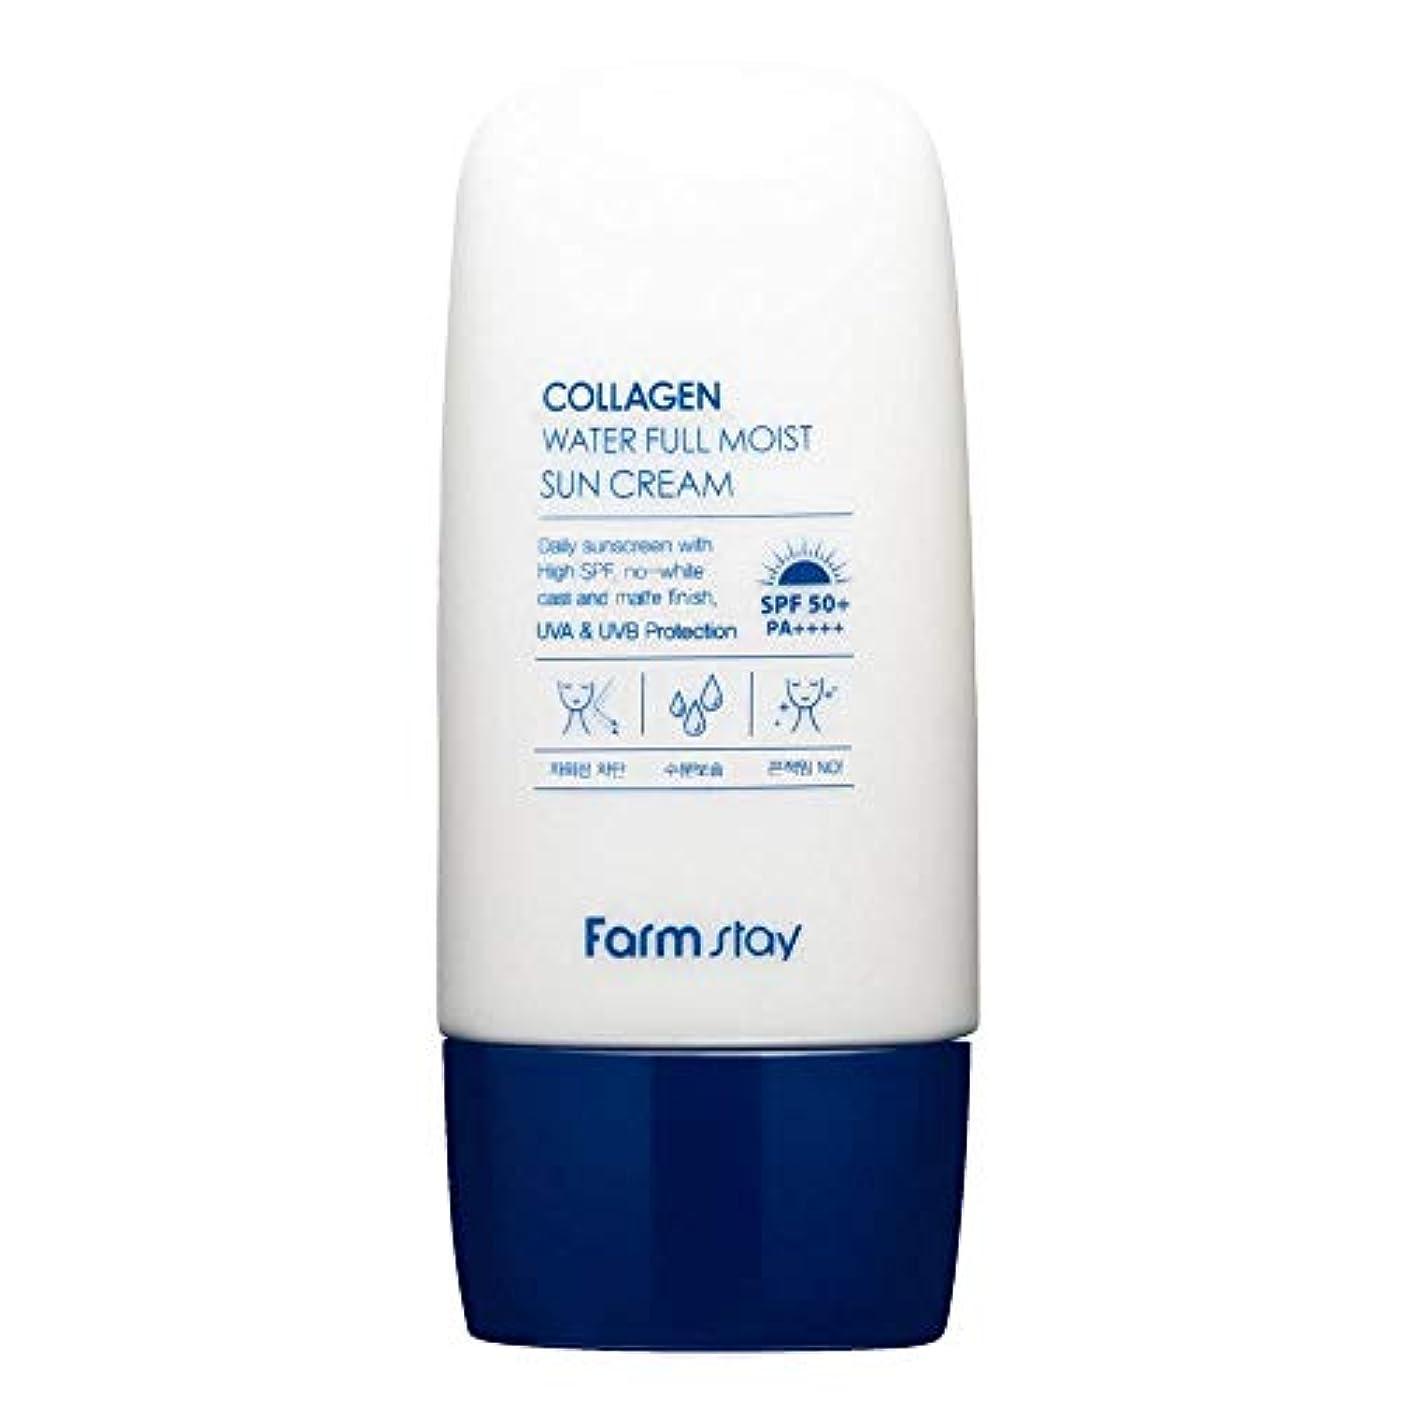 仕事に行くラバ毎日ファームステイ[Farm Stay] コラーゲンウォーターフルモイストサンクリーム45g / Collagen Water Full Moist Sun Cream